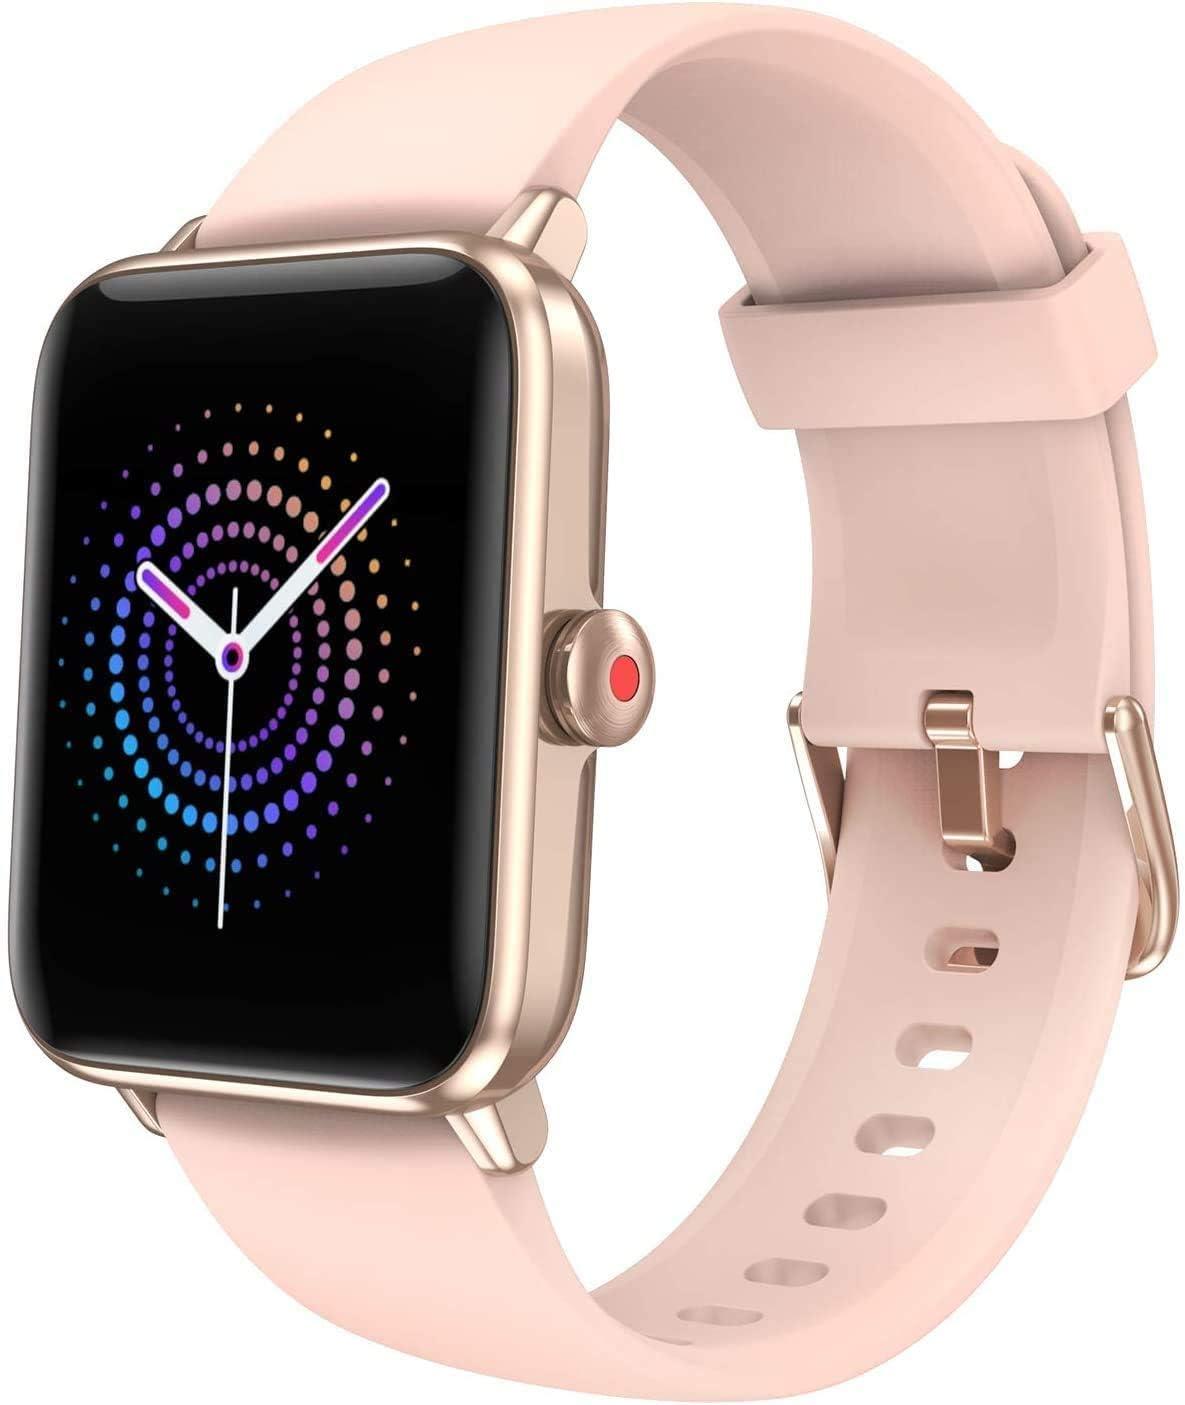 Smartwatch Damen Herren Smart Watch Mit Blutsauerstoff 1 55 Übergroß Farbdisplay Fitness Armband Mit Pulsmesser Wasserdicht Ip68 Schrittzähler Schlafmonitor Gps Fitness Uhr Für Android Ios Navigation